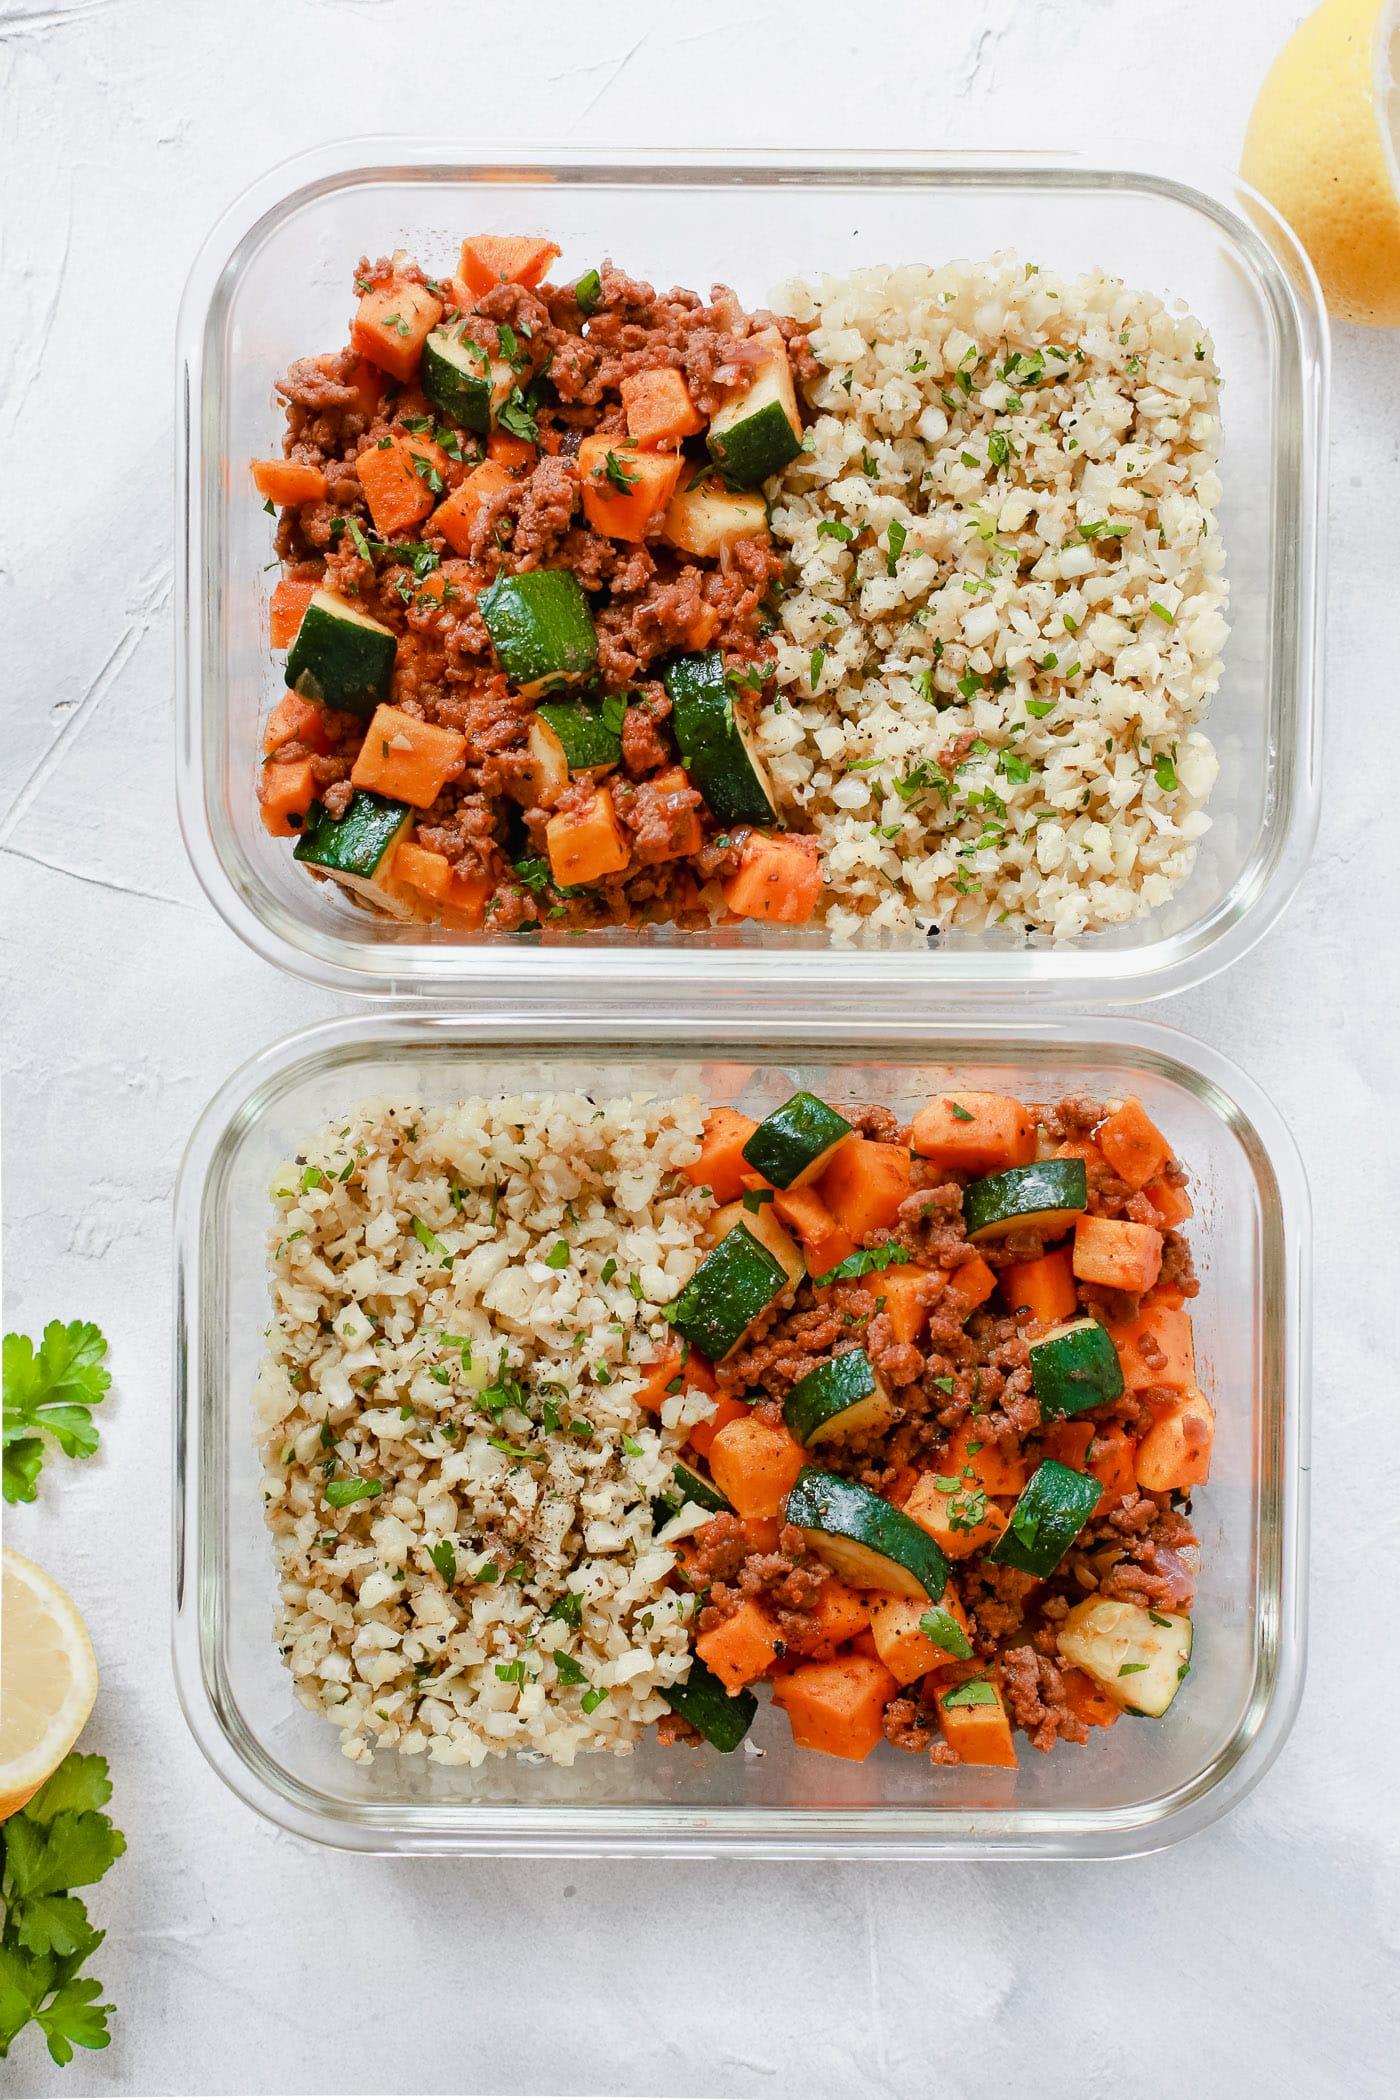 Ground-Beef-Zucchini-Sweet-Potato-Skillet-Meal-Prep-Primavera-Kitchen-2.jpg